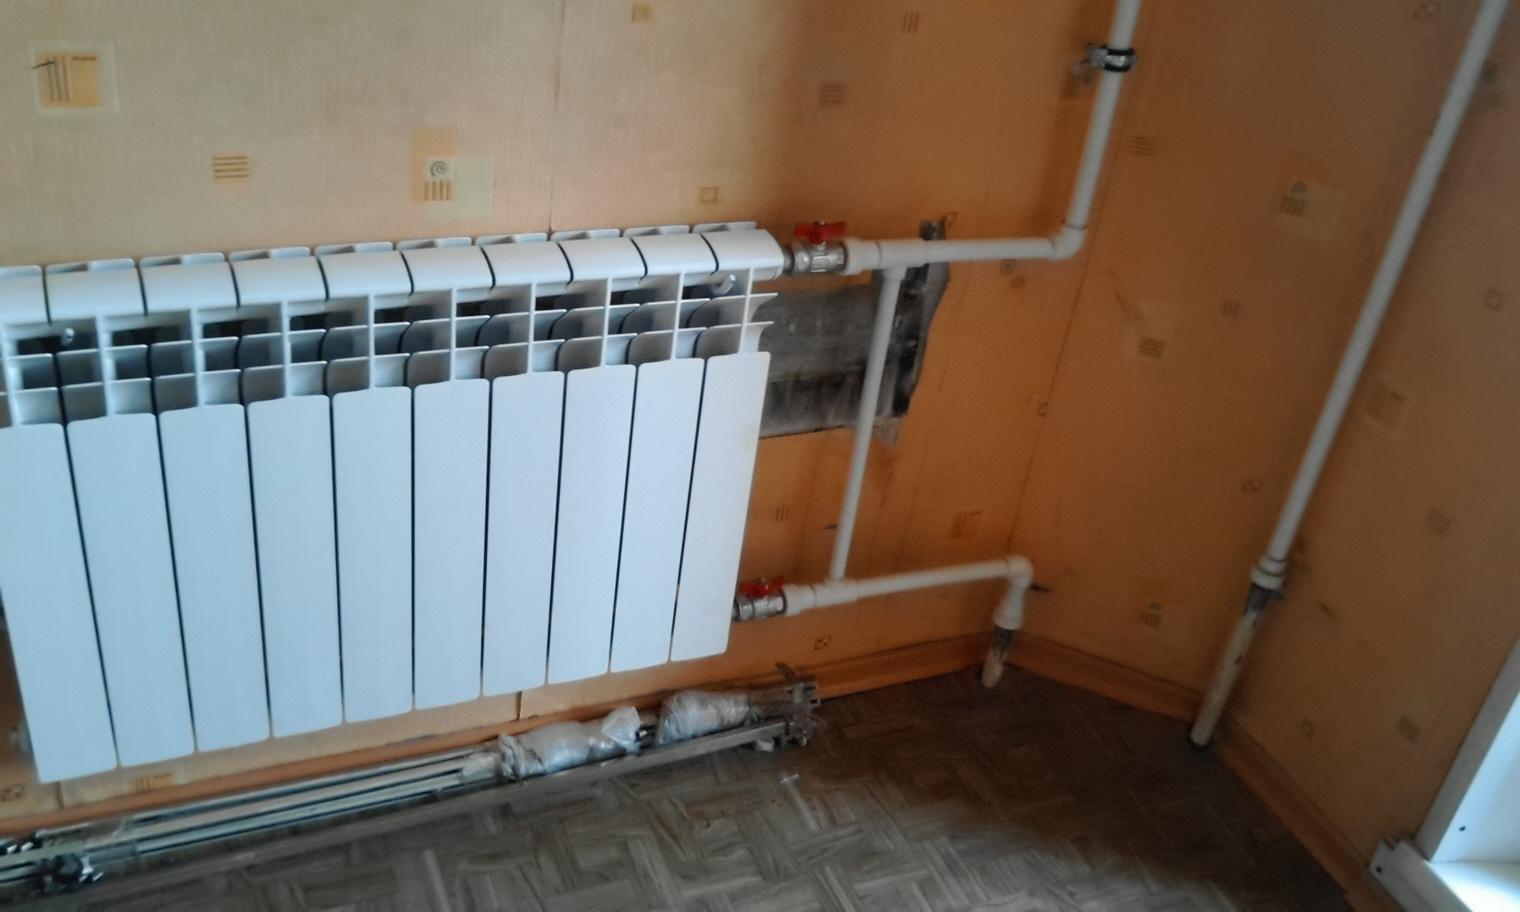 Сборка алюминиевых радиаторов отопления: подключение, как подключить батареи своими руками, соединение